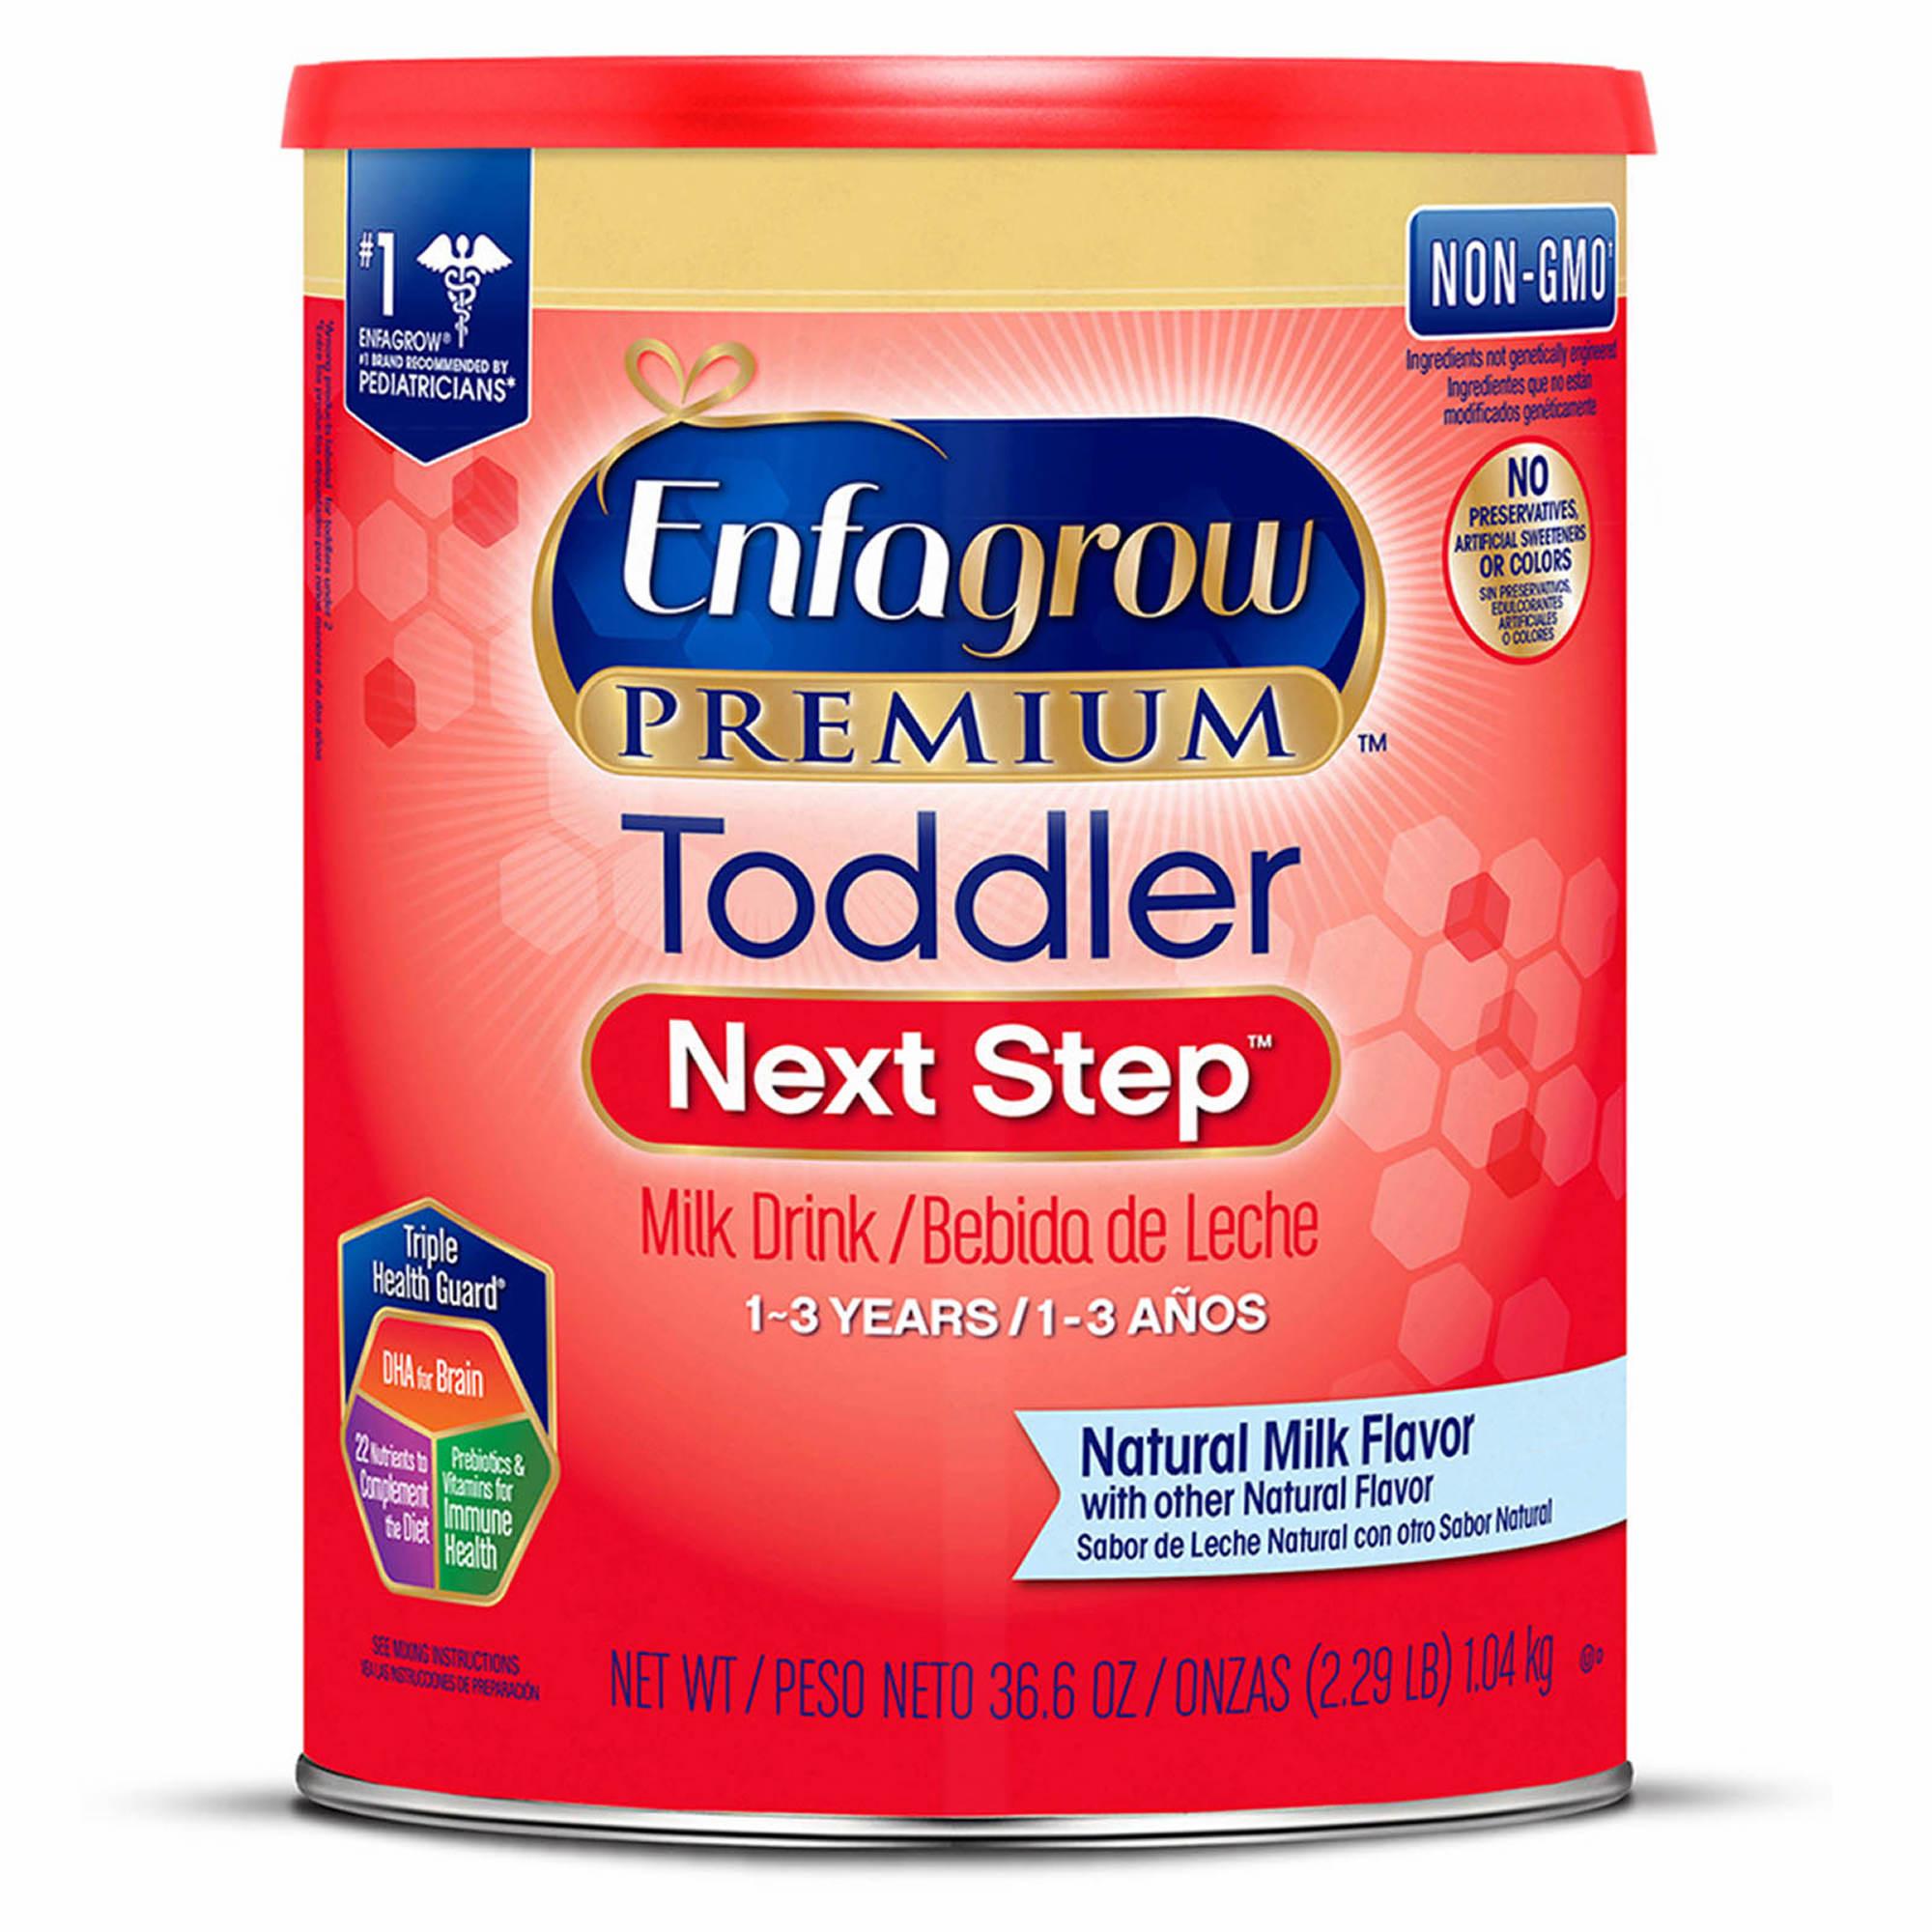 Enfagrow Premium Toddler Next Step Milk Drink, 36.6 oz.